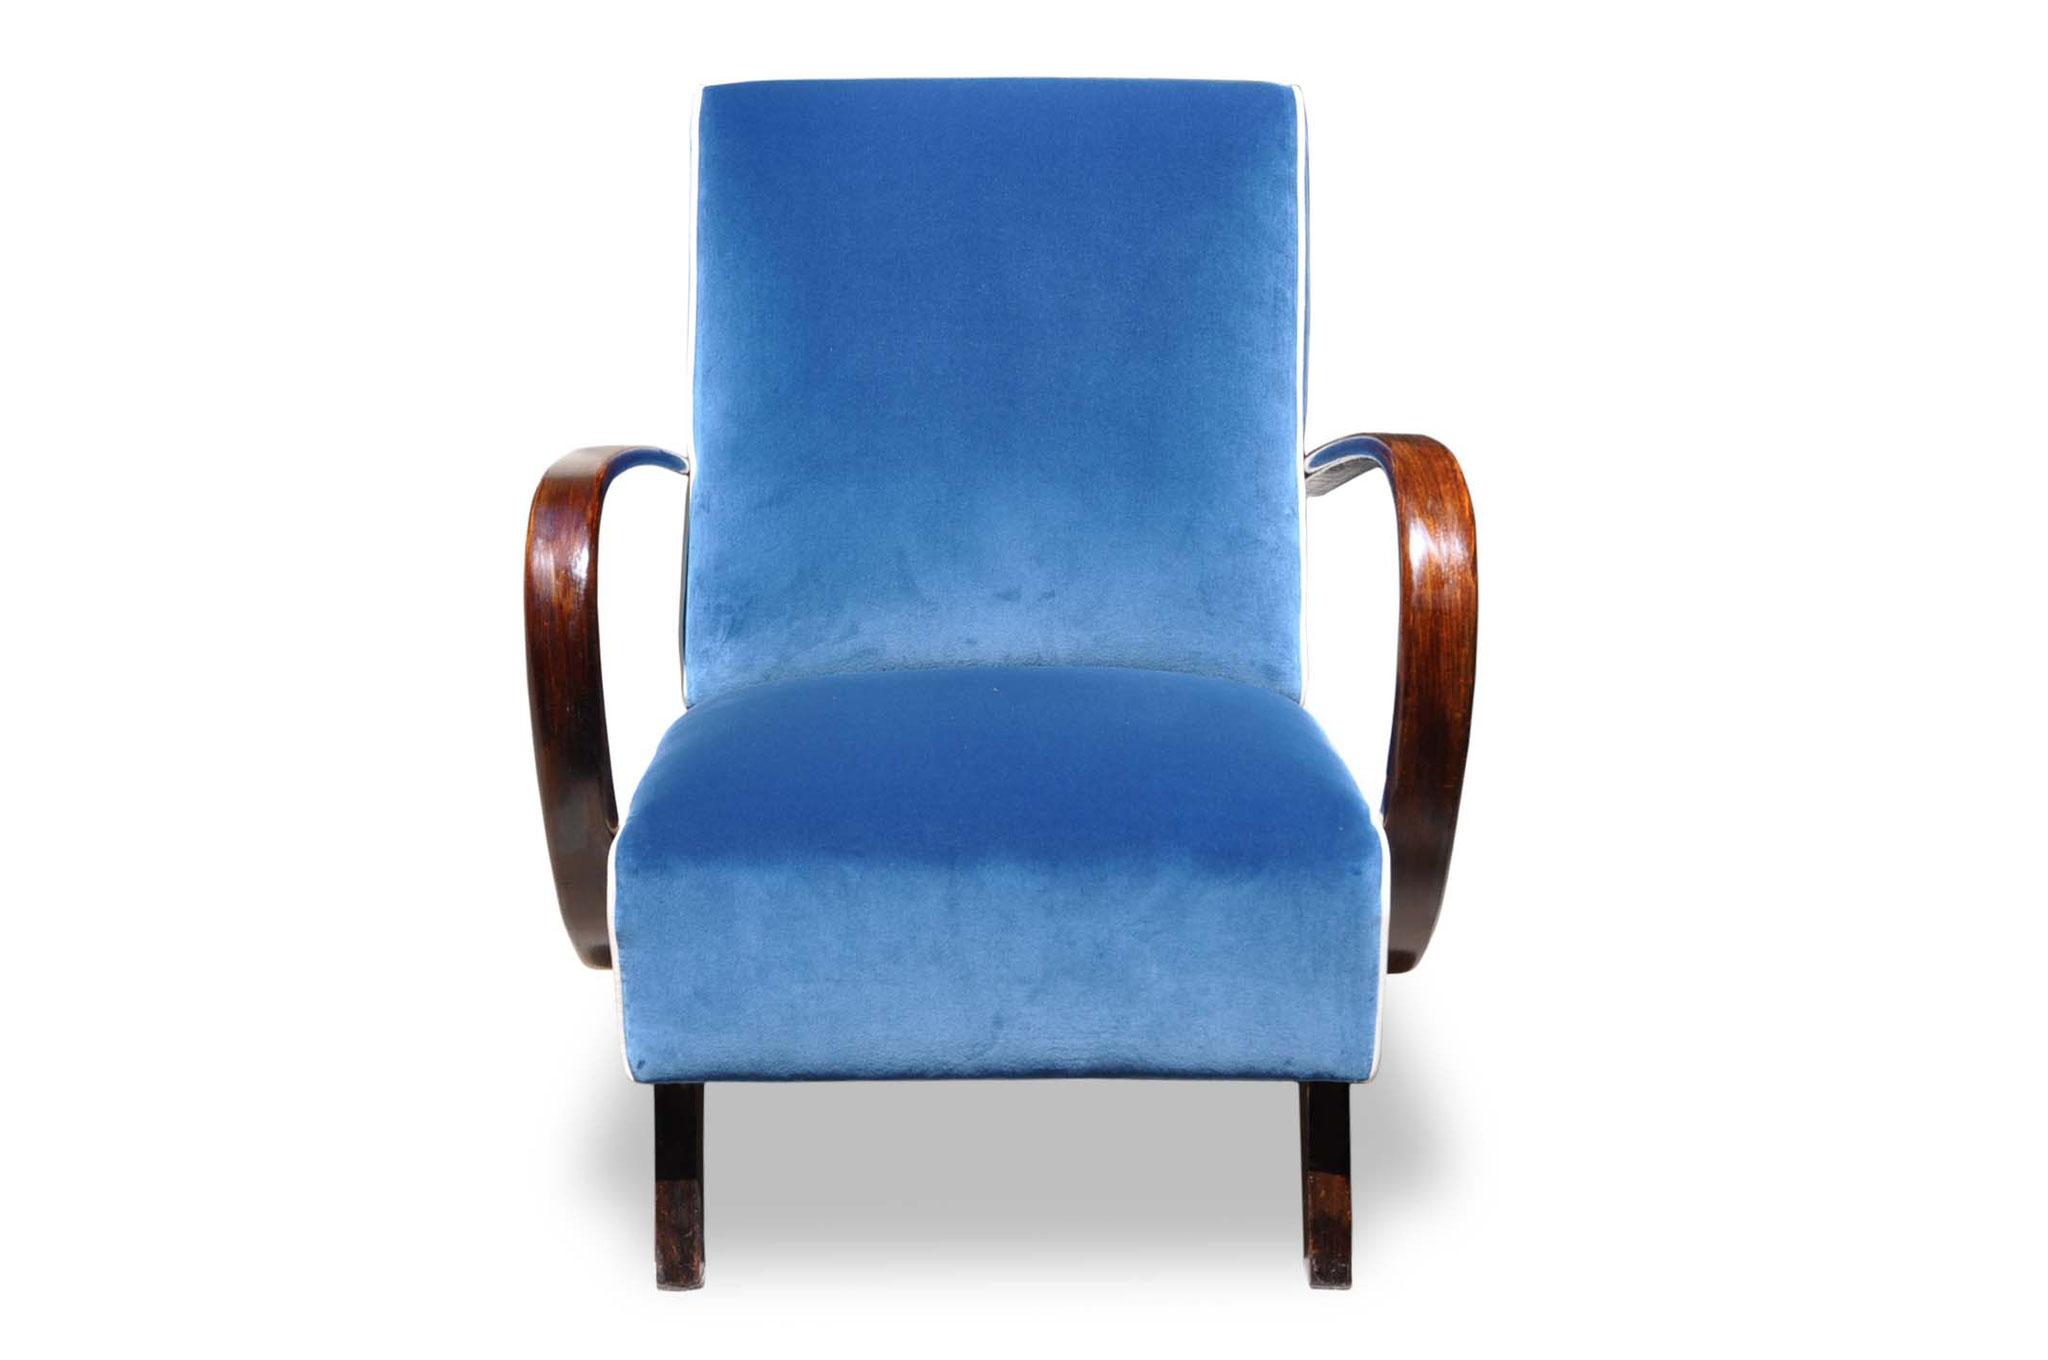 art deco chair in prussian blue velvet